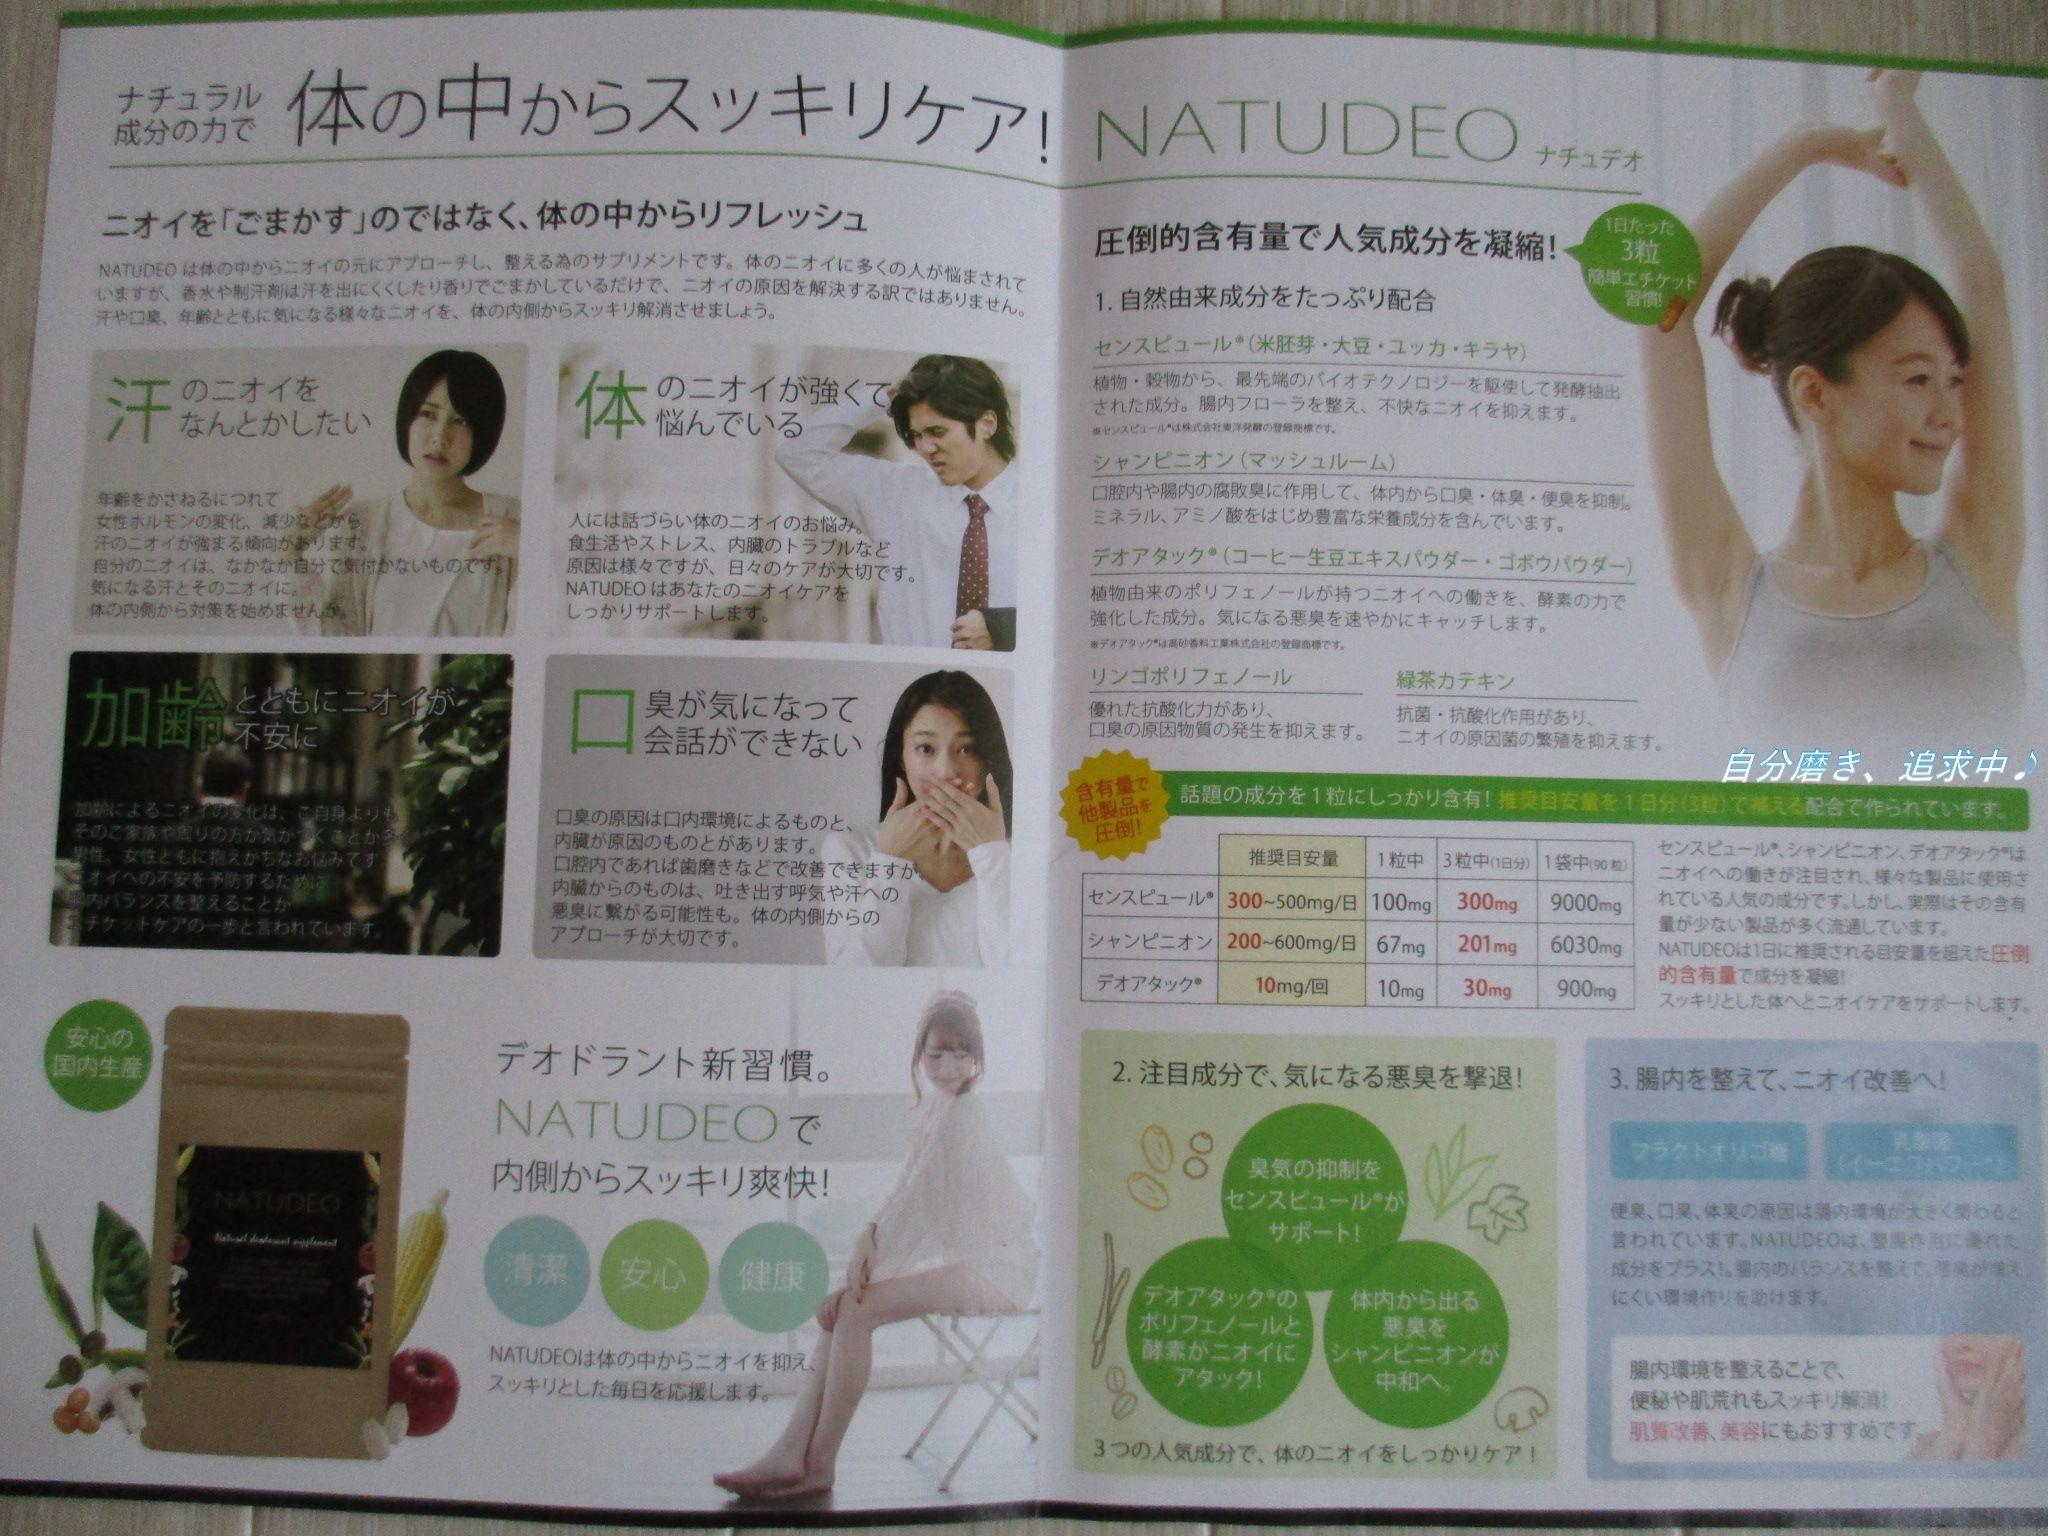 natudeo3.jpg